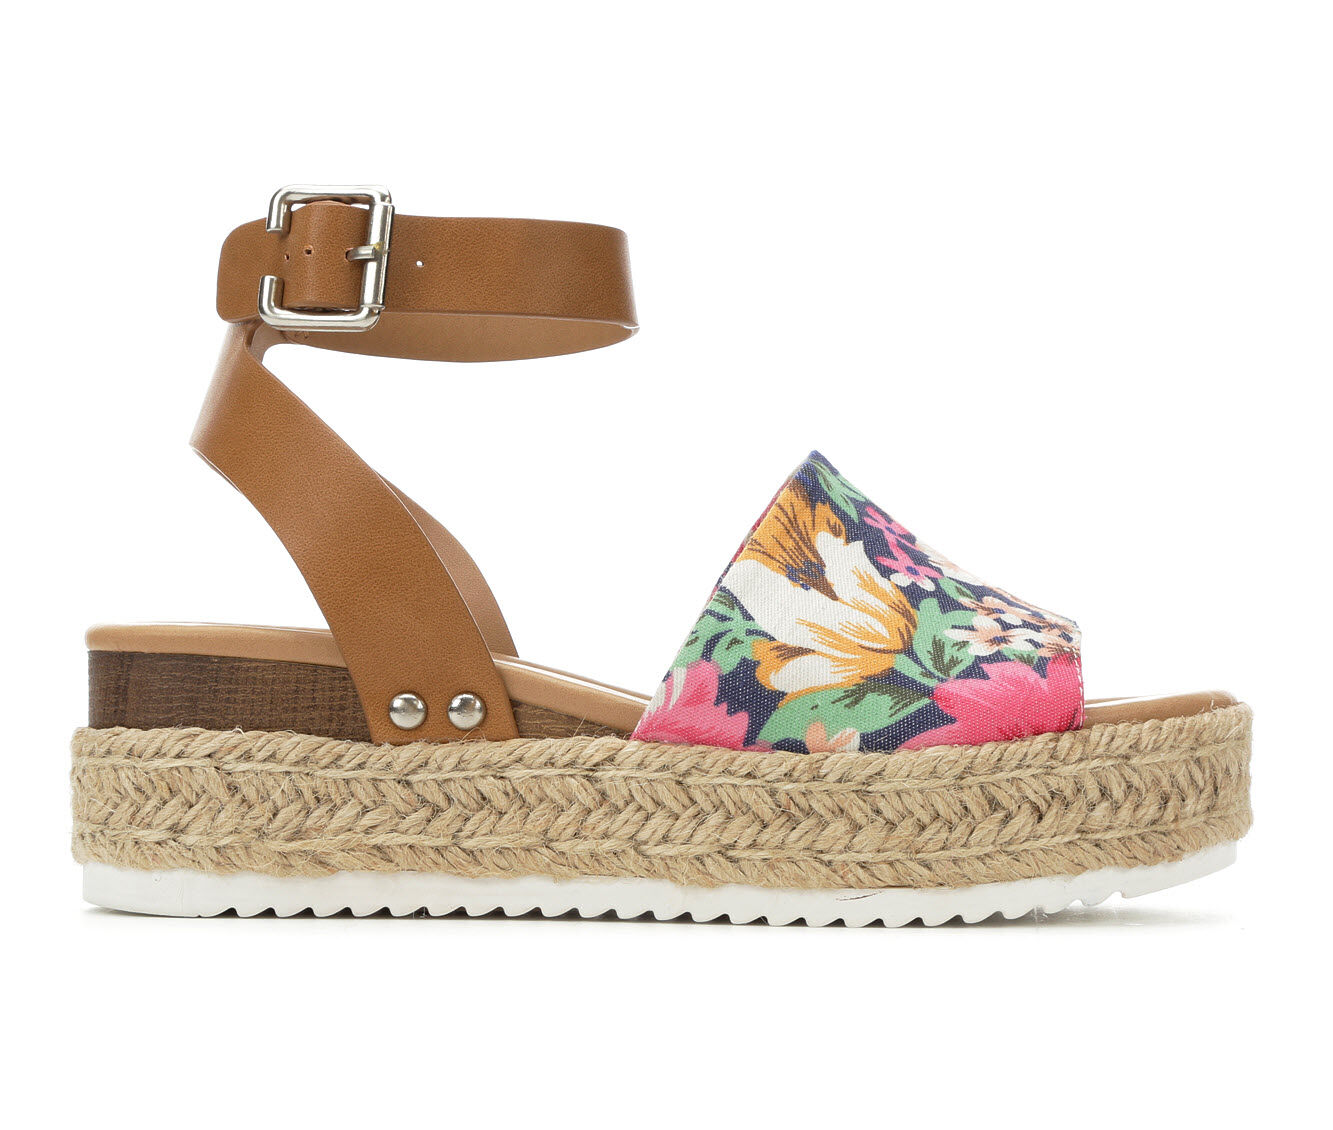 shoe carnival sandals sale